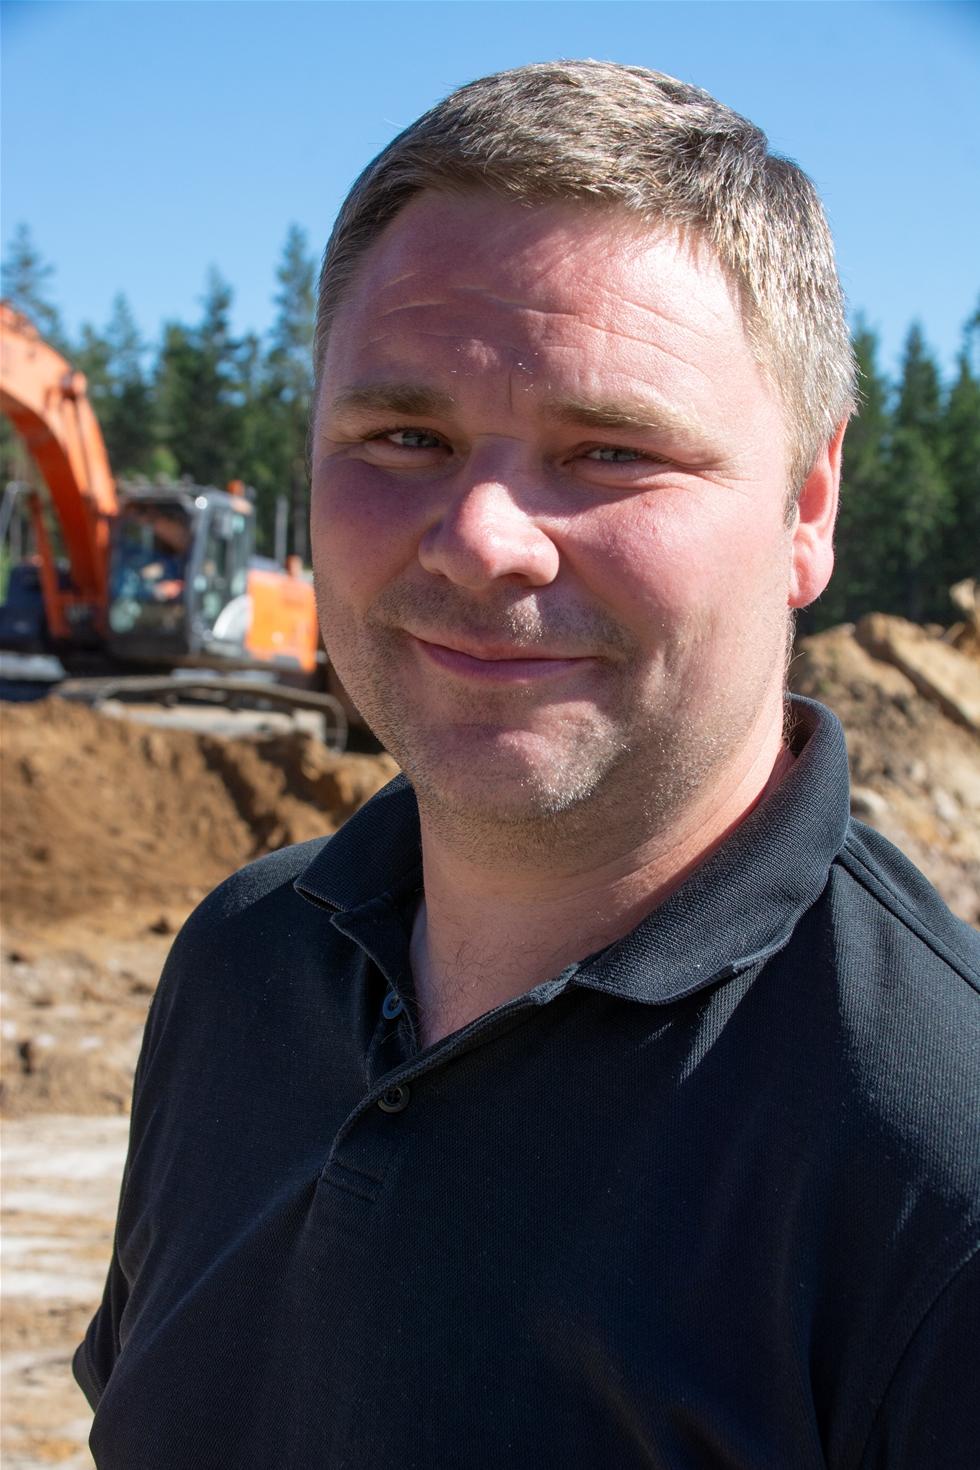 En Volvo FMX 600 6x6 blev snabbt en uppskattad medspelare i Söderqvist Gräv AB:s entreprenader. Tanken var att minska beroendet av inhyrda dumprar och att göra det med en lastbil som även kan användas i mer ordinära lastbilsuppdrag. – Med sin styrka, snabbhet, smidighet och framkomlighet stämmer den väl för våra behov, säger Martin Söderqvist.